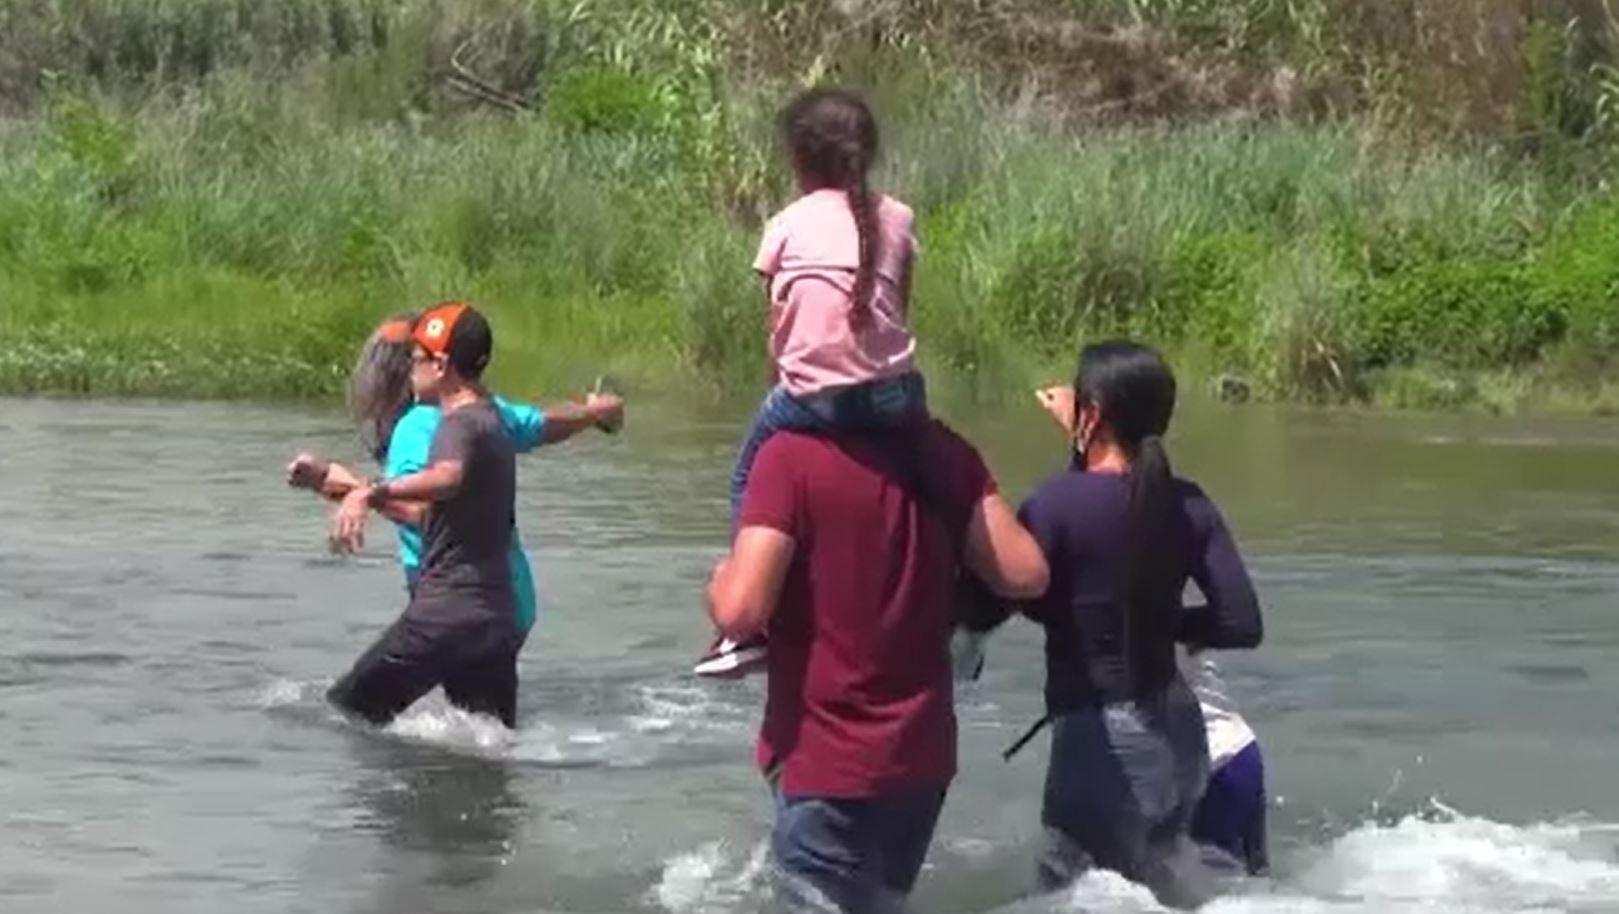 Statele Unite, asaltate de mii de romi din România, care încearcă să treacă ilegal granița